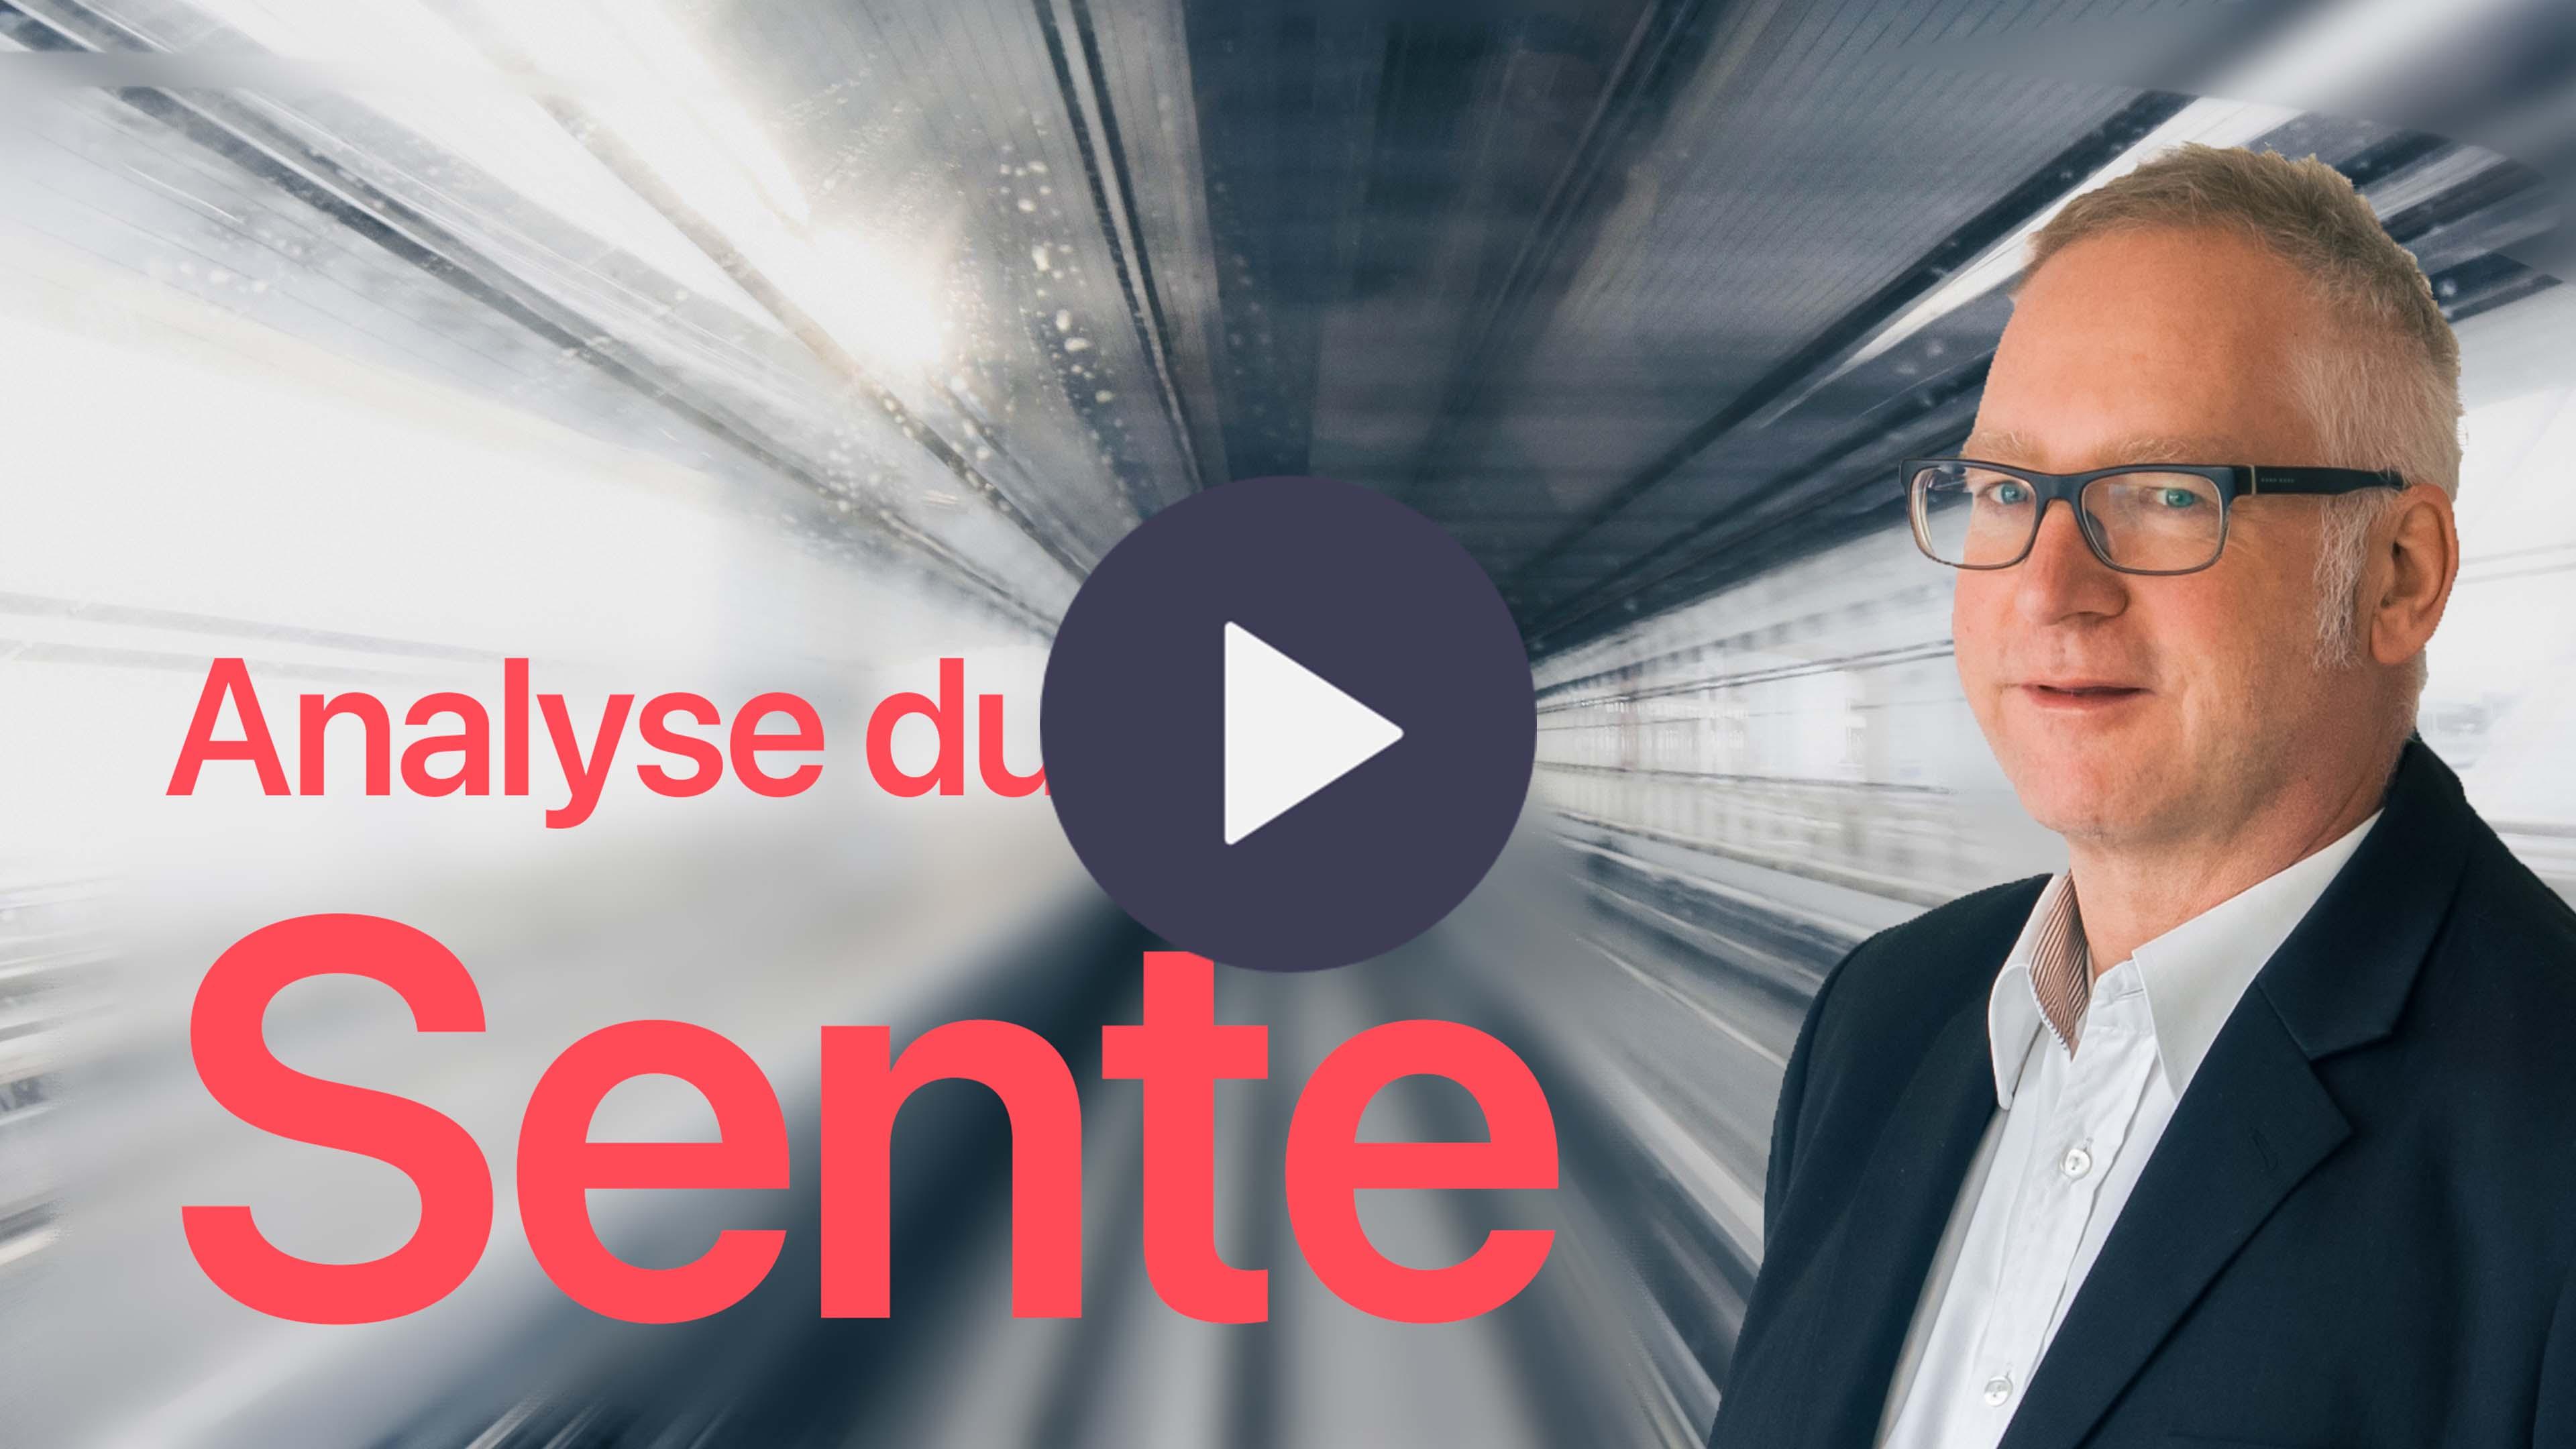 Thumbnail des Werbefilms für Analyse Sente.